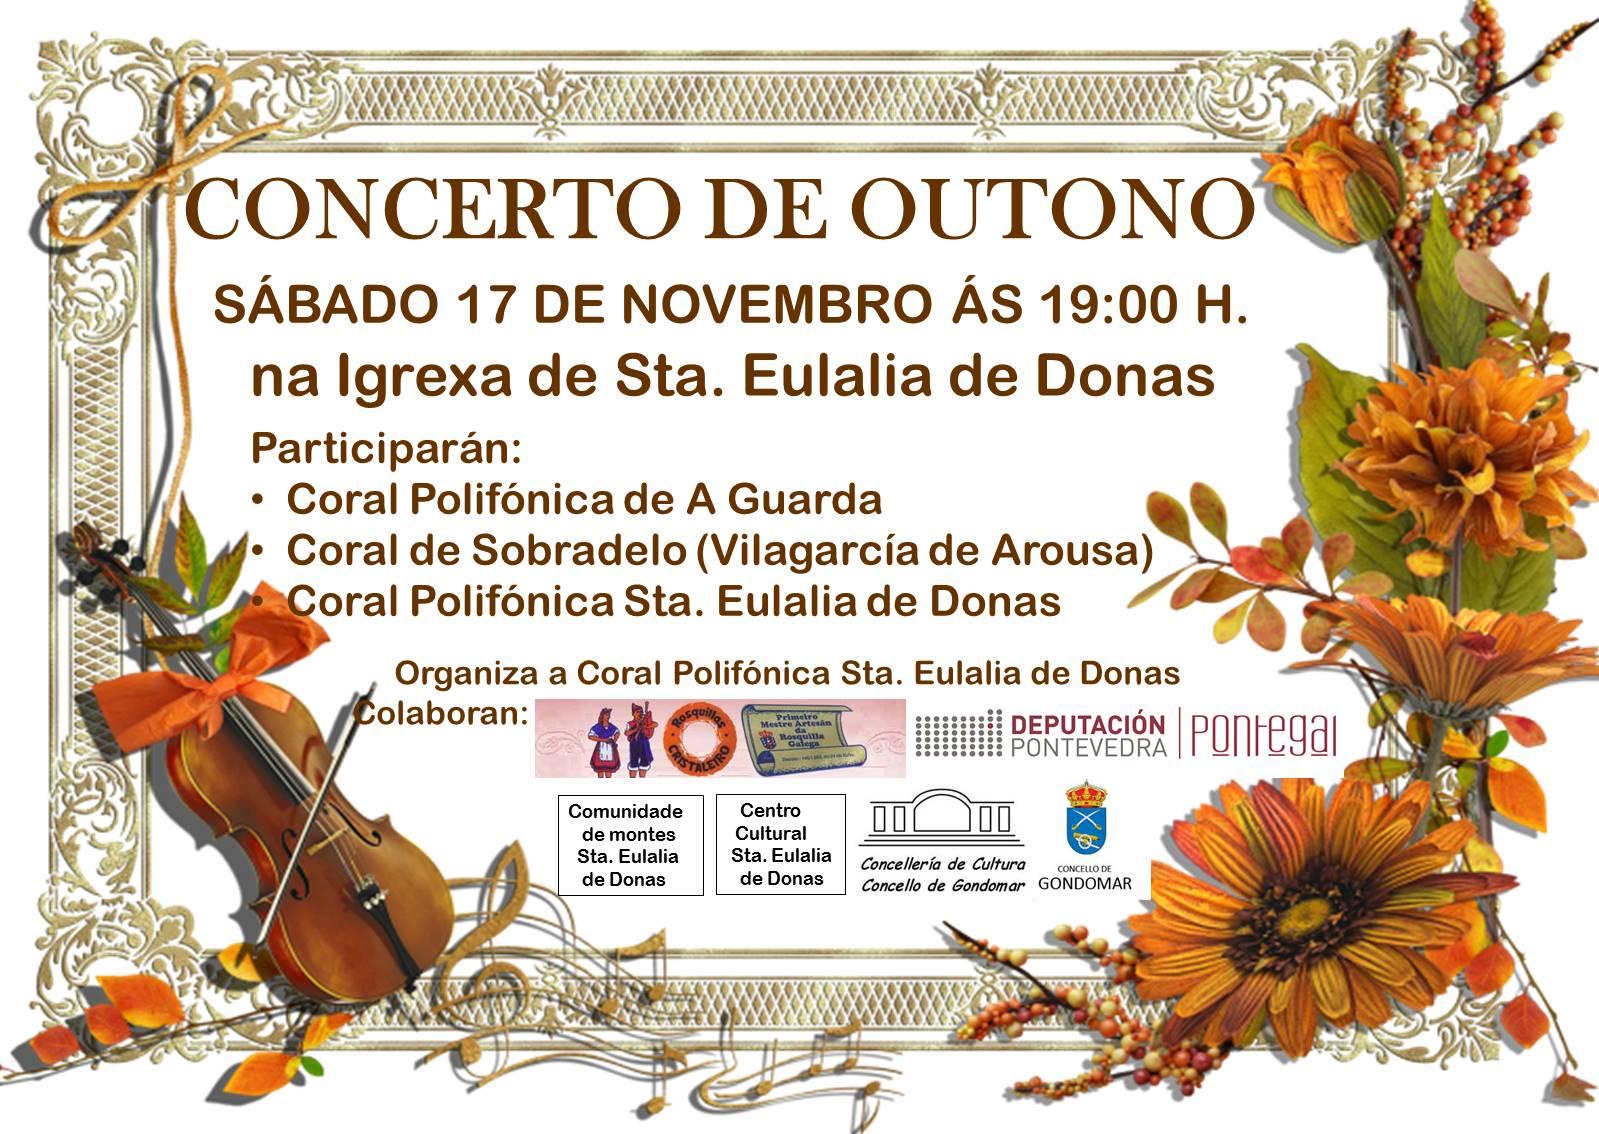 Concerto de Outono @ Igrexa de Santa Eulalia de Donas